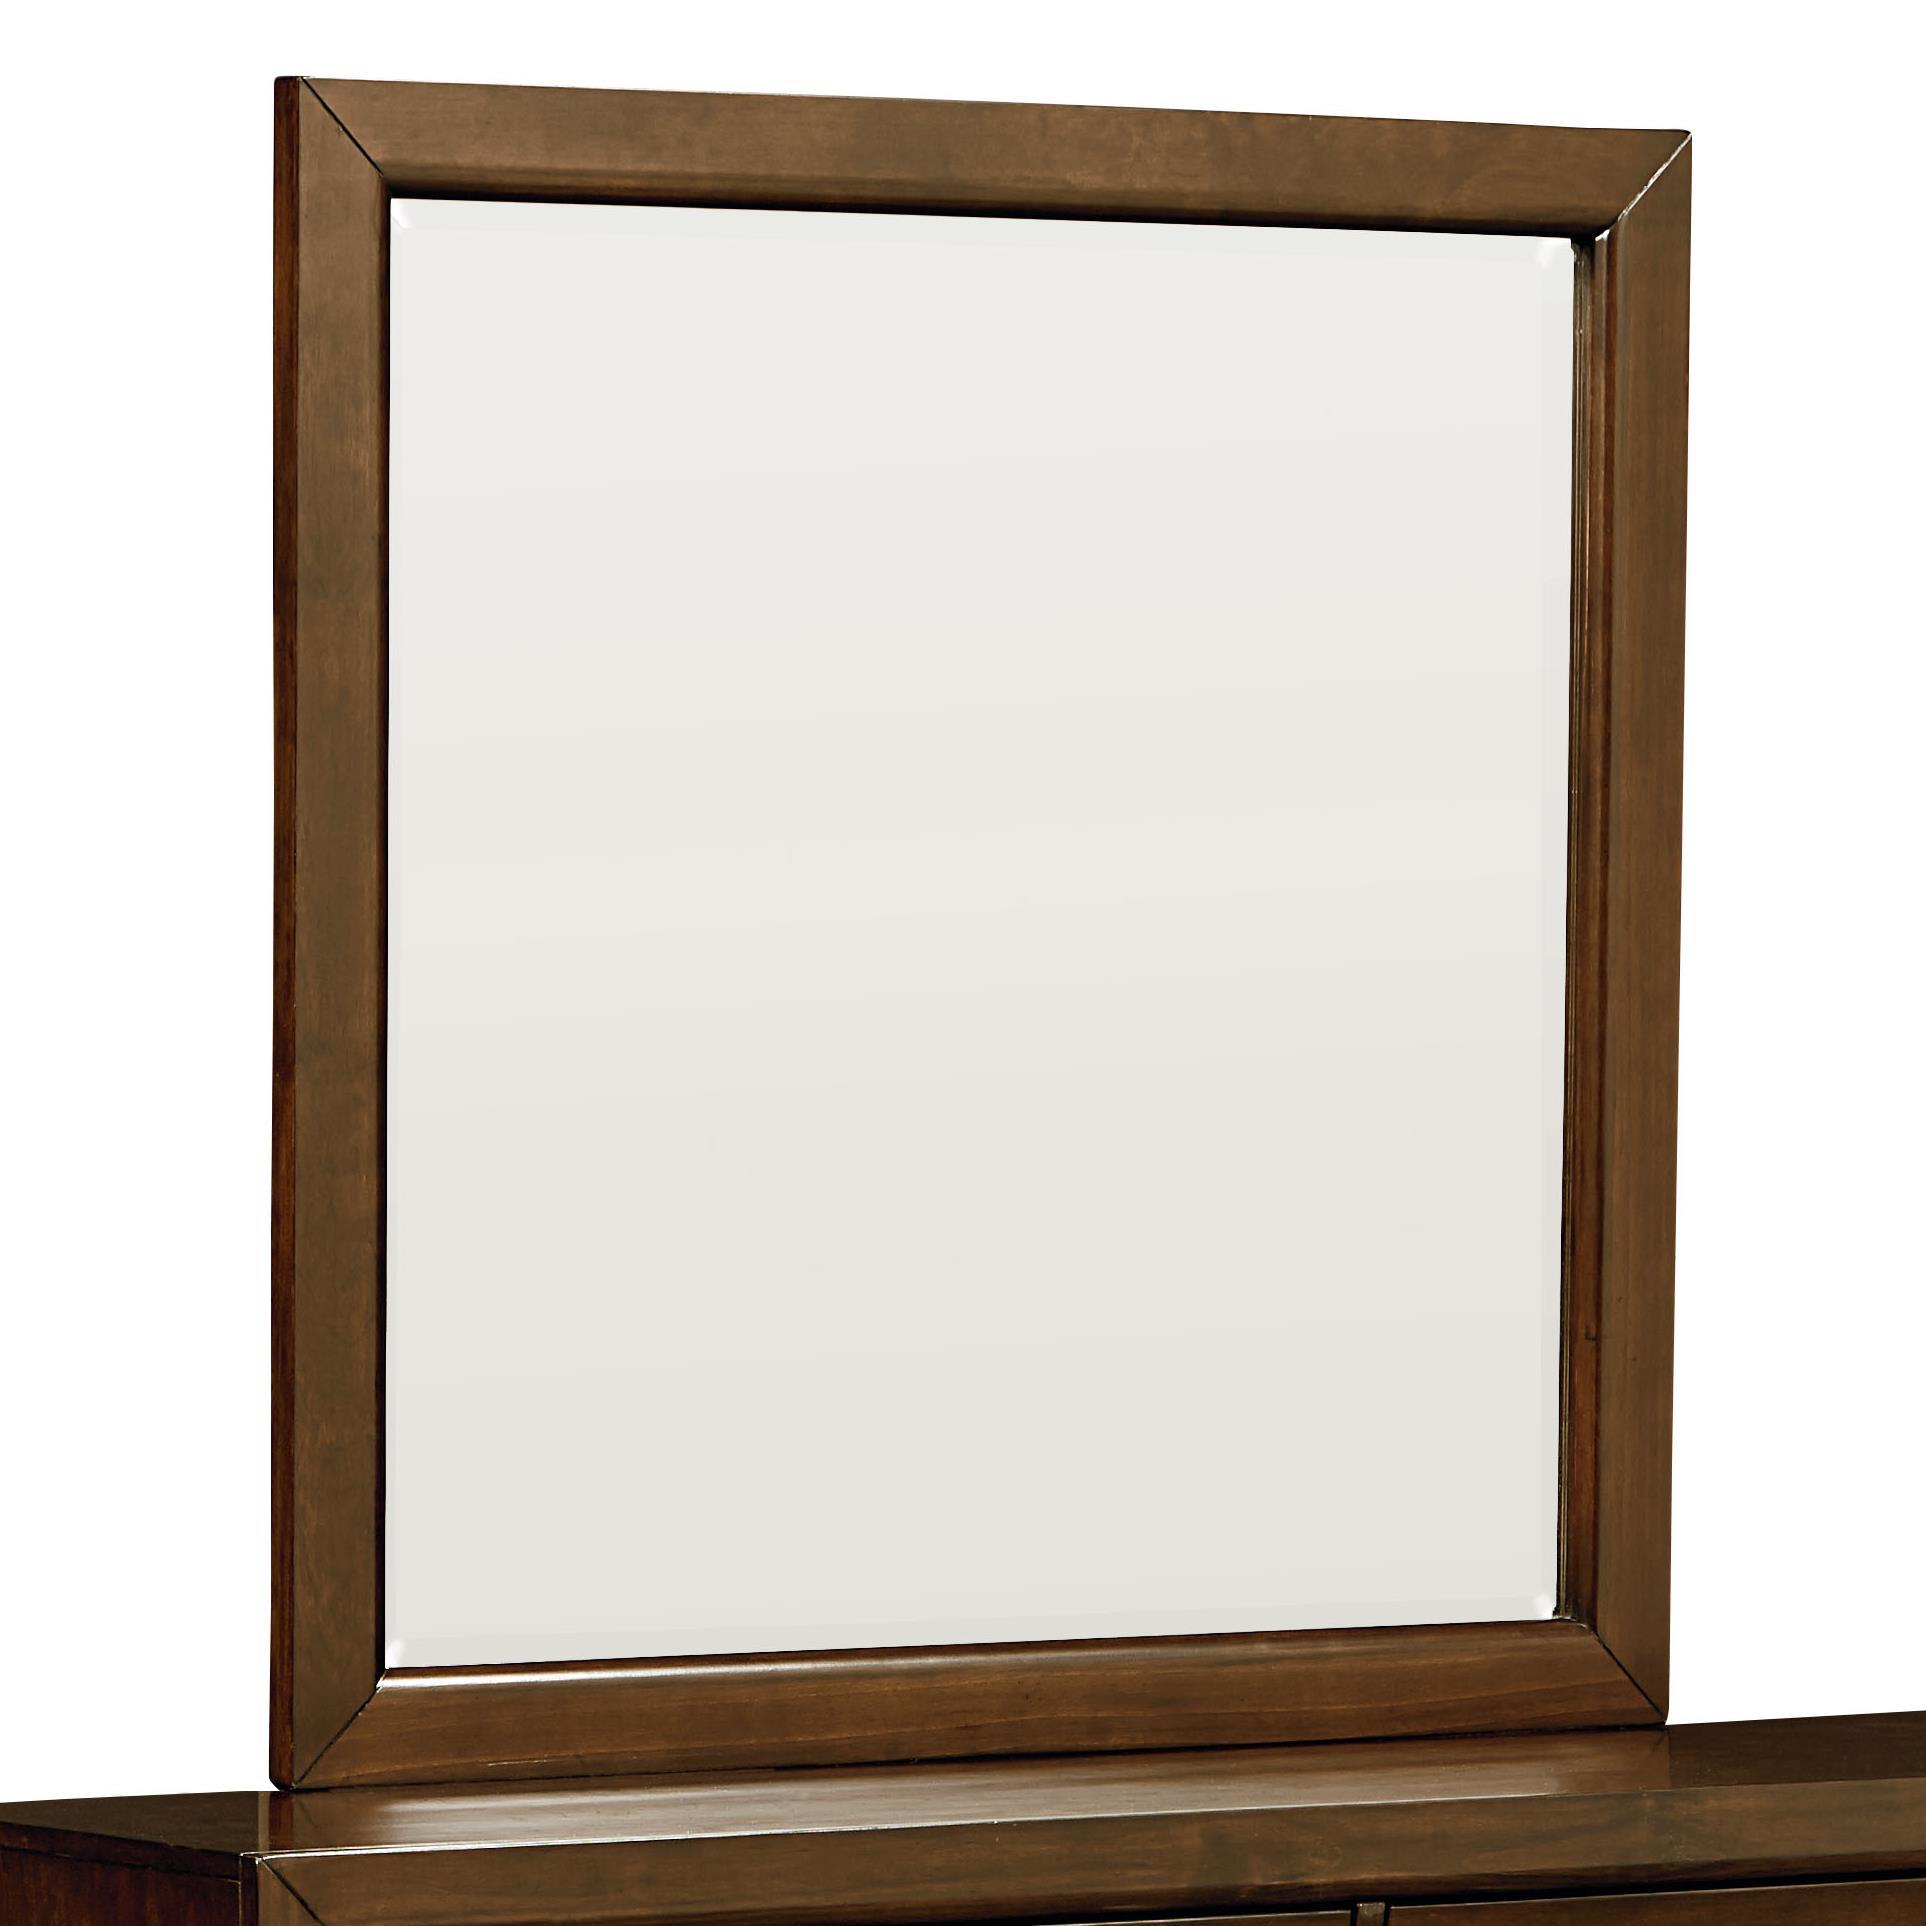 Standard Furniture Amanoi Mirror                                 - Item Number: 86808